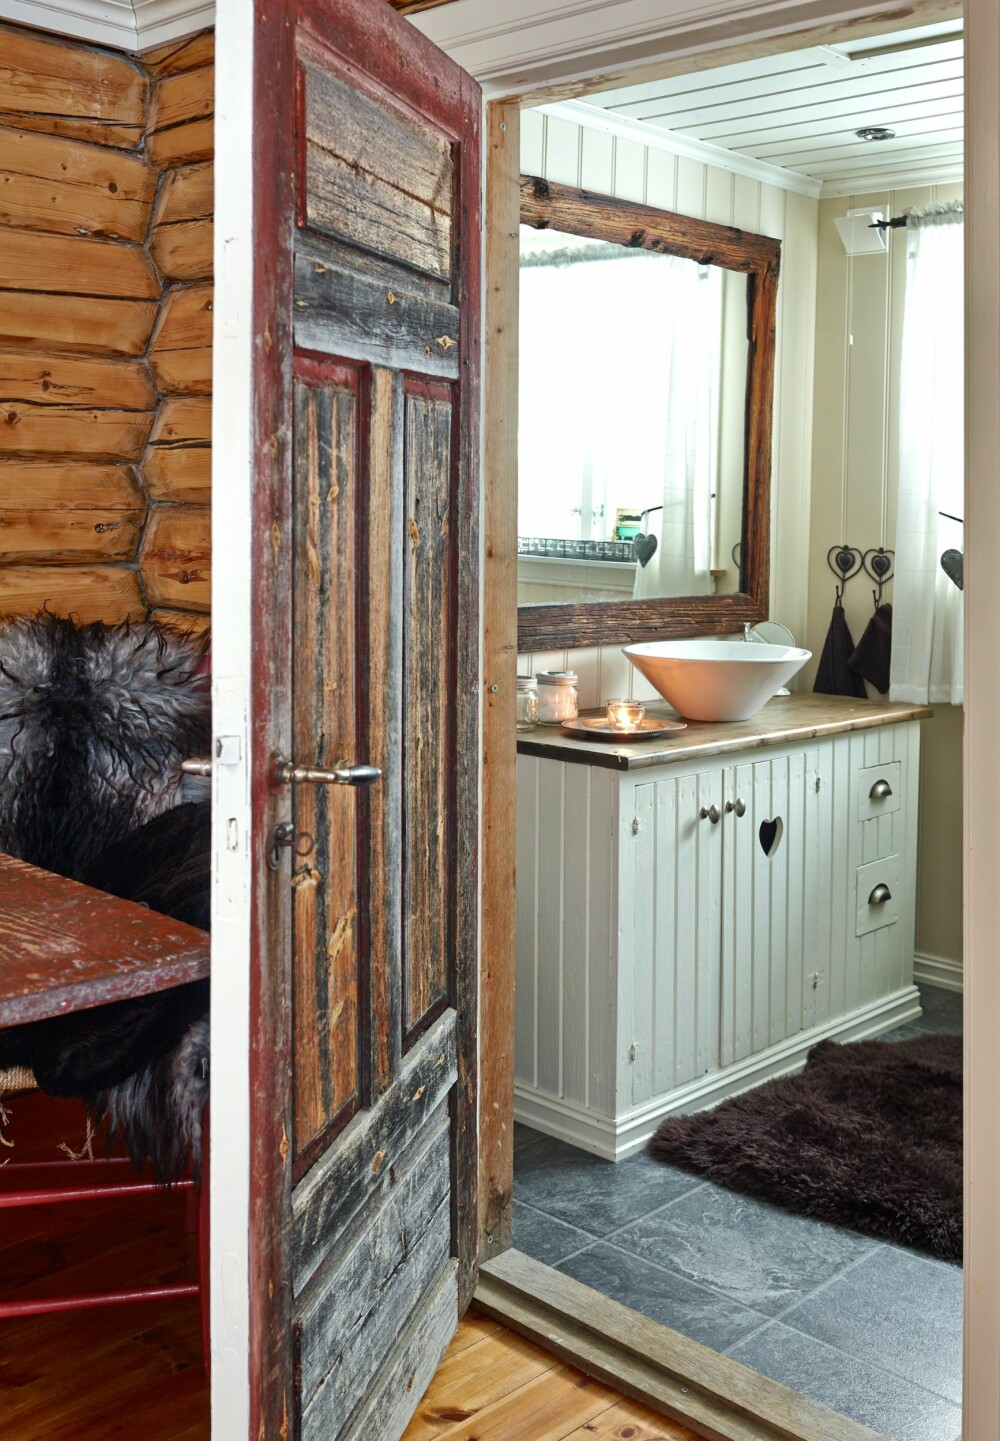 Nytt bad: Badet er nyoppusset og har inngang fra stuen. Hytteeieren har imidlertid klart å bevare den gamle døren med den røffe overflaten.